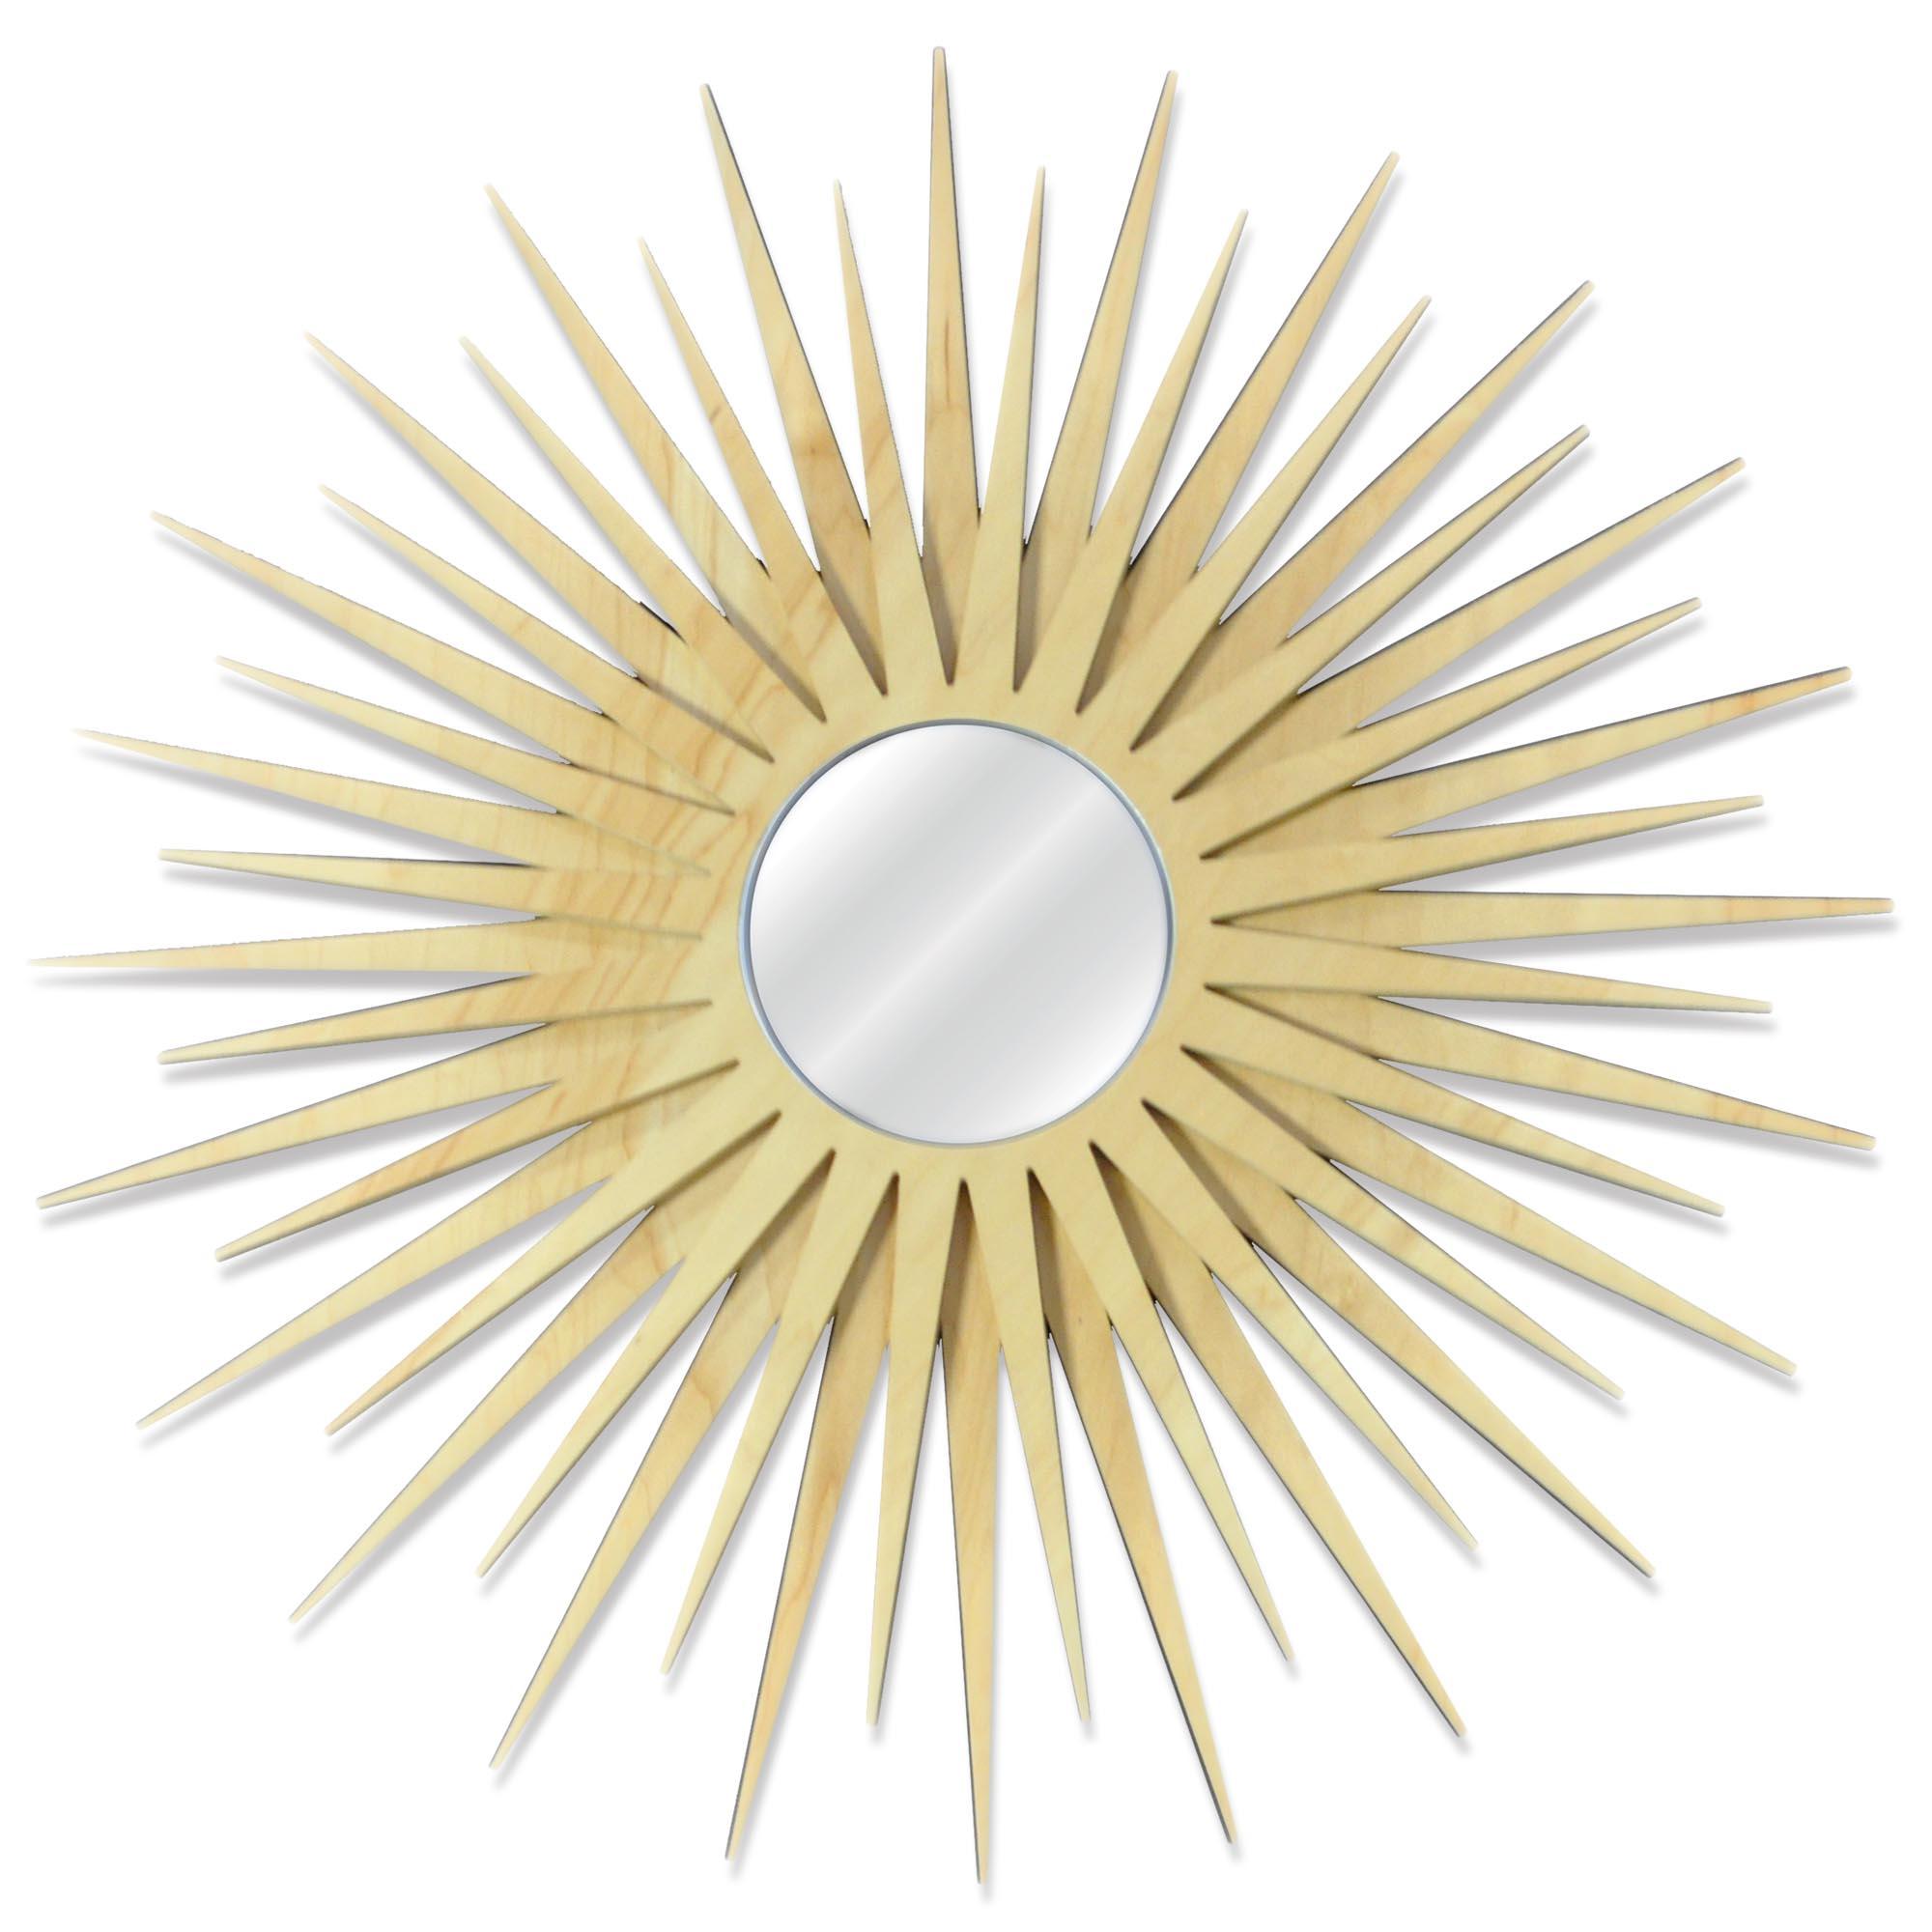 Midcentury Modern Decor 'MCM Starburst Mirror-Maple' - Maple Plywood Wooden Sunburst Mirror